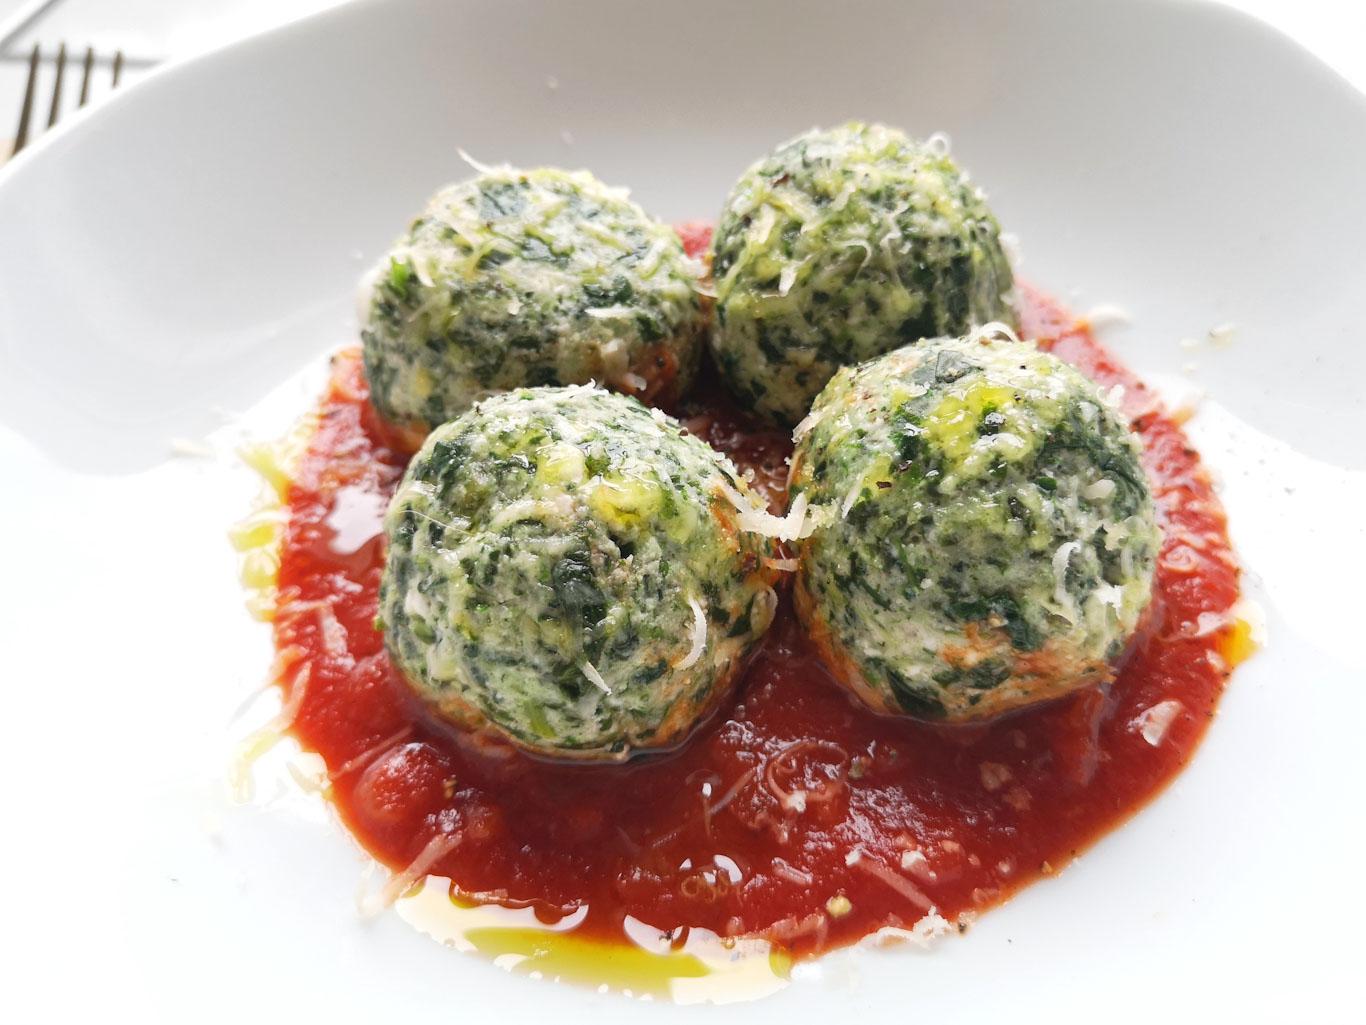 Gnudi Ricetta In English.La Ricetta Degli Gnudi D Estate Cucina Della Toscana Chezuppa